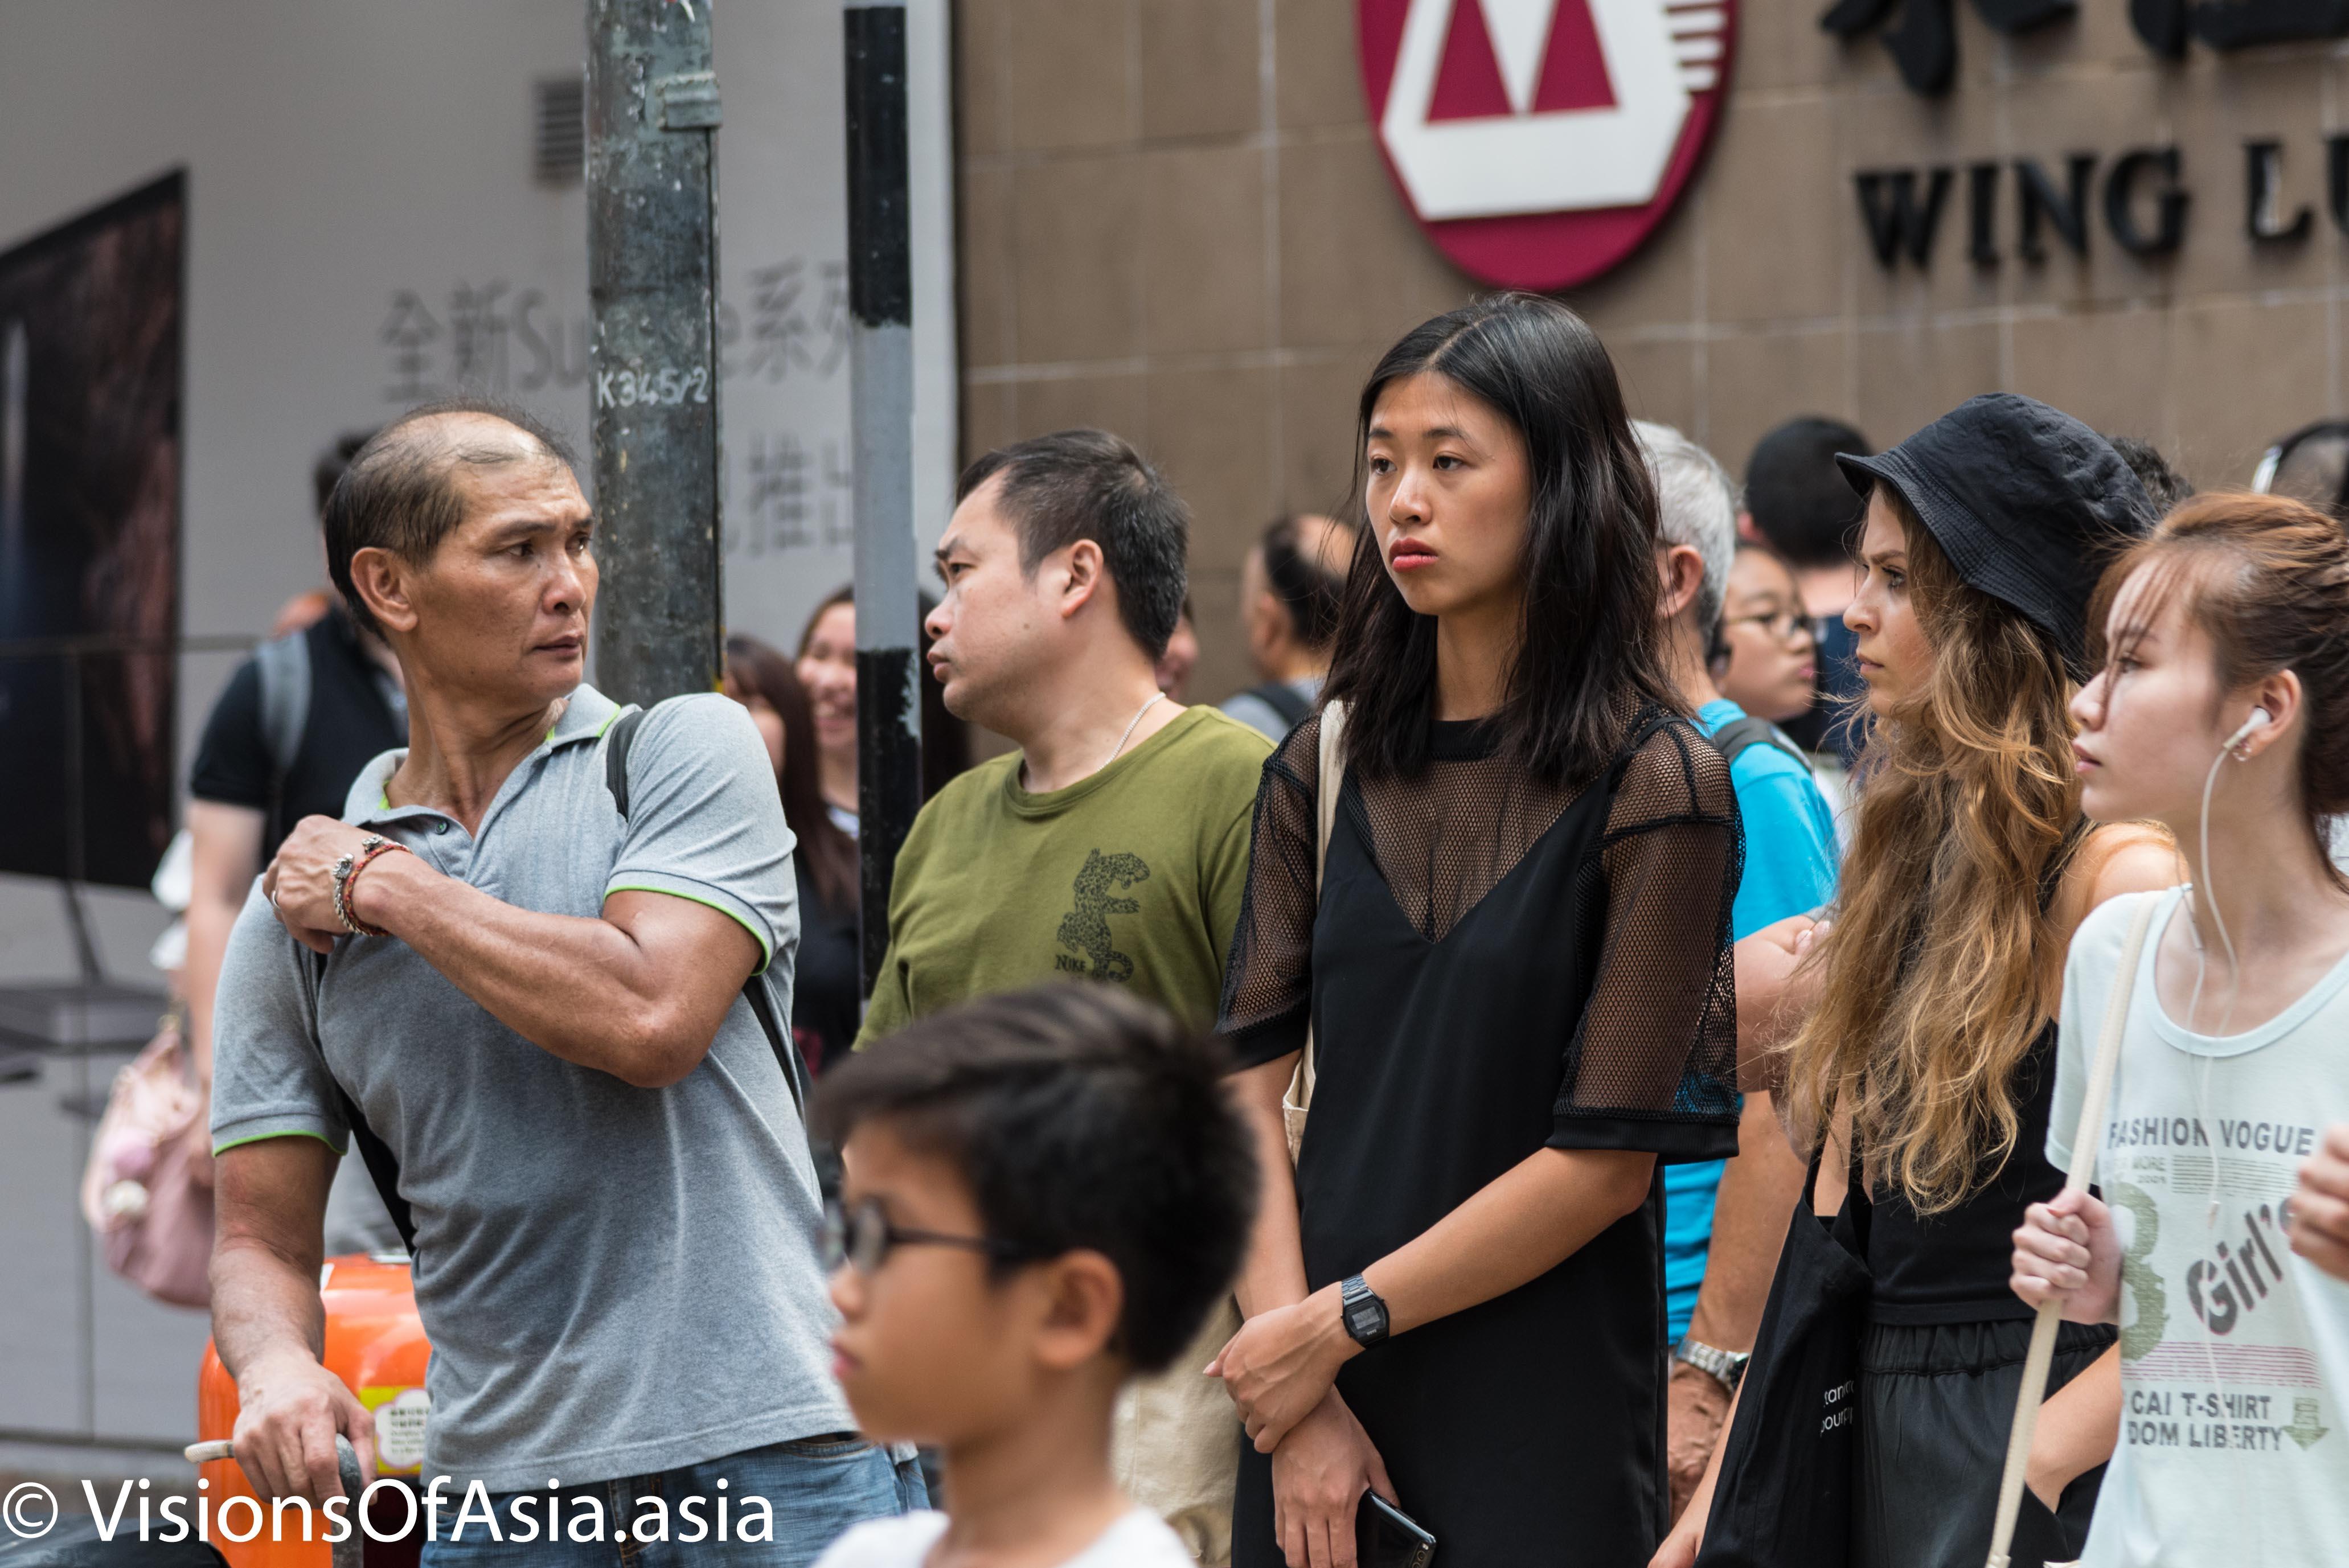 MongkokPanning